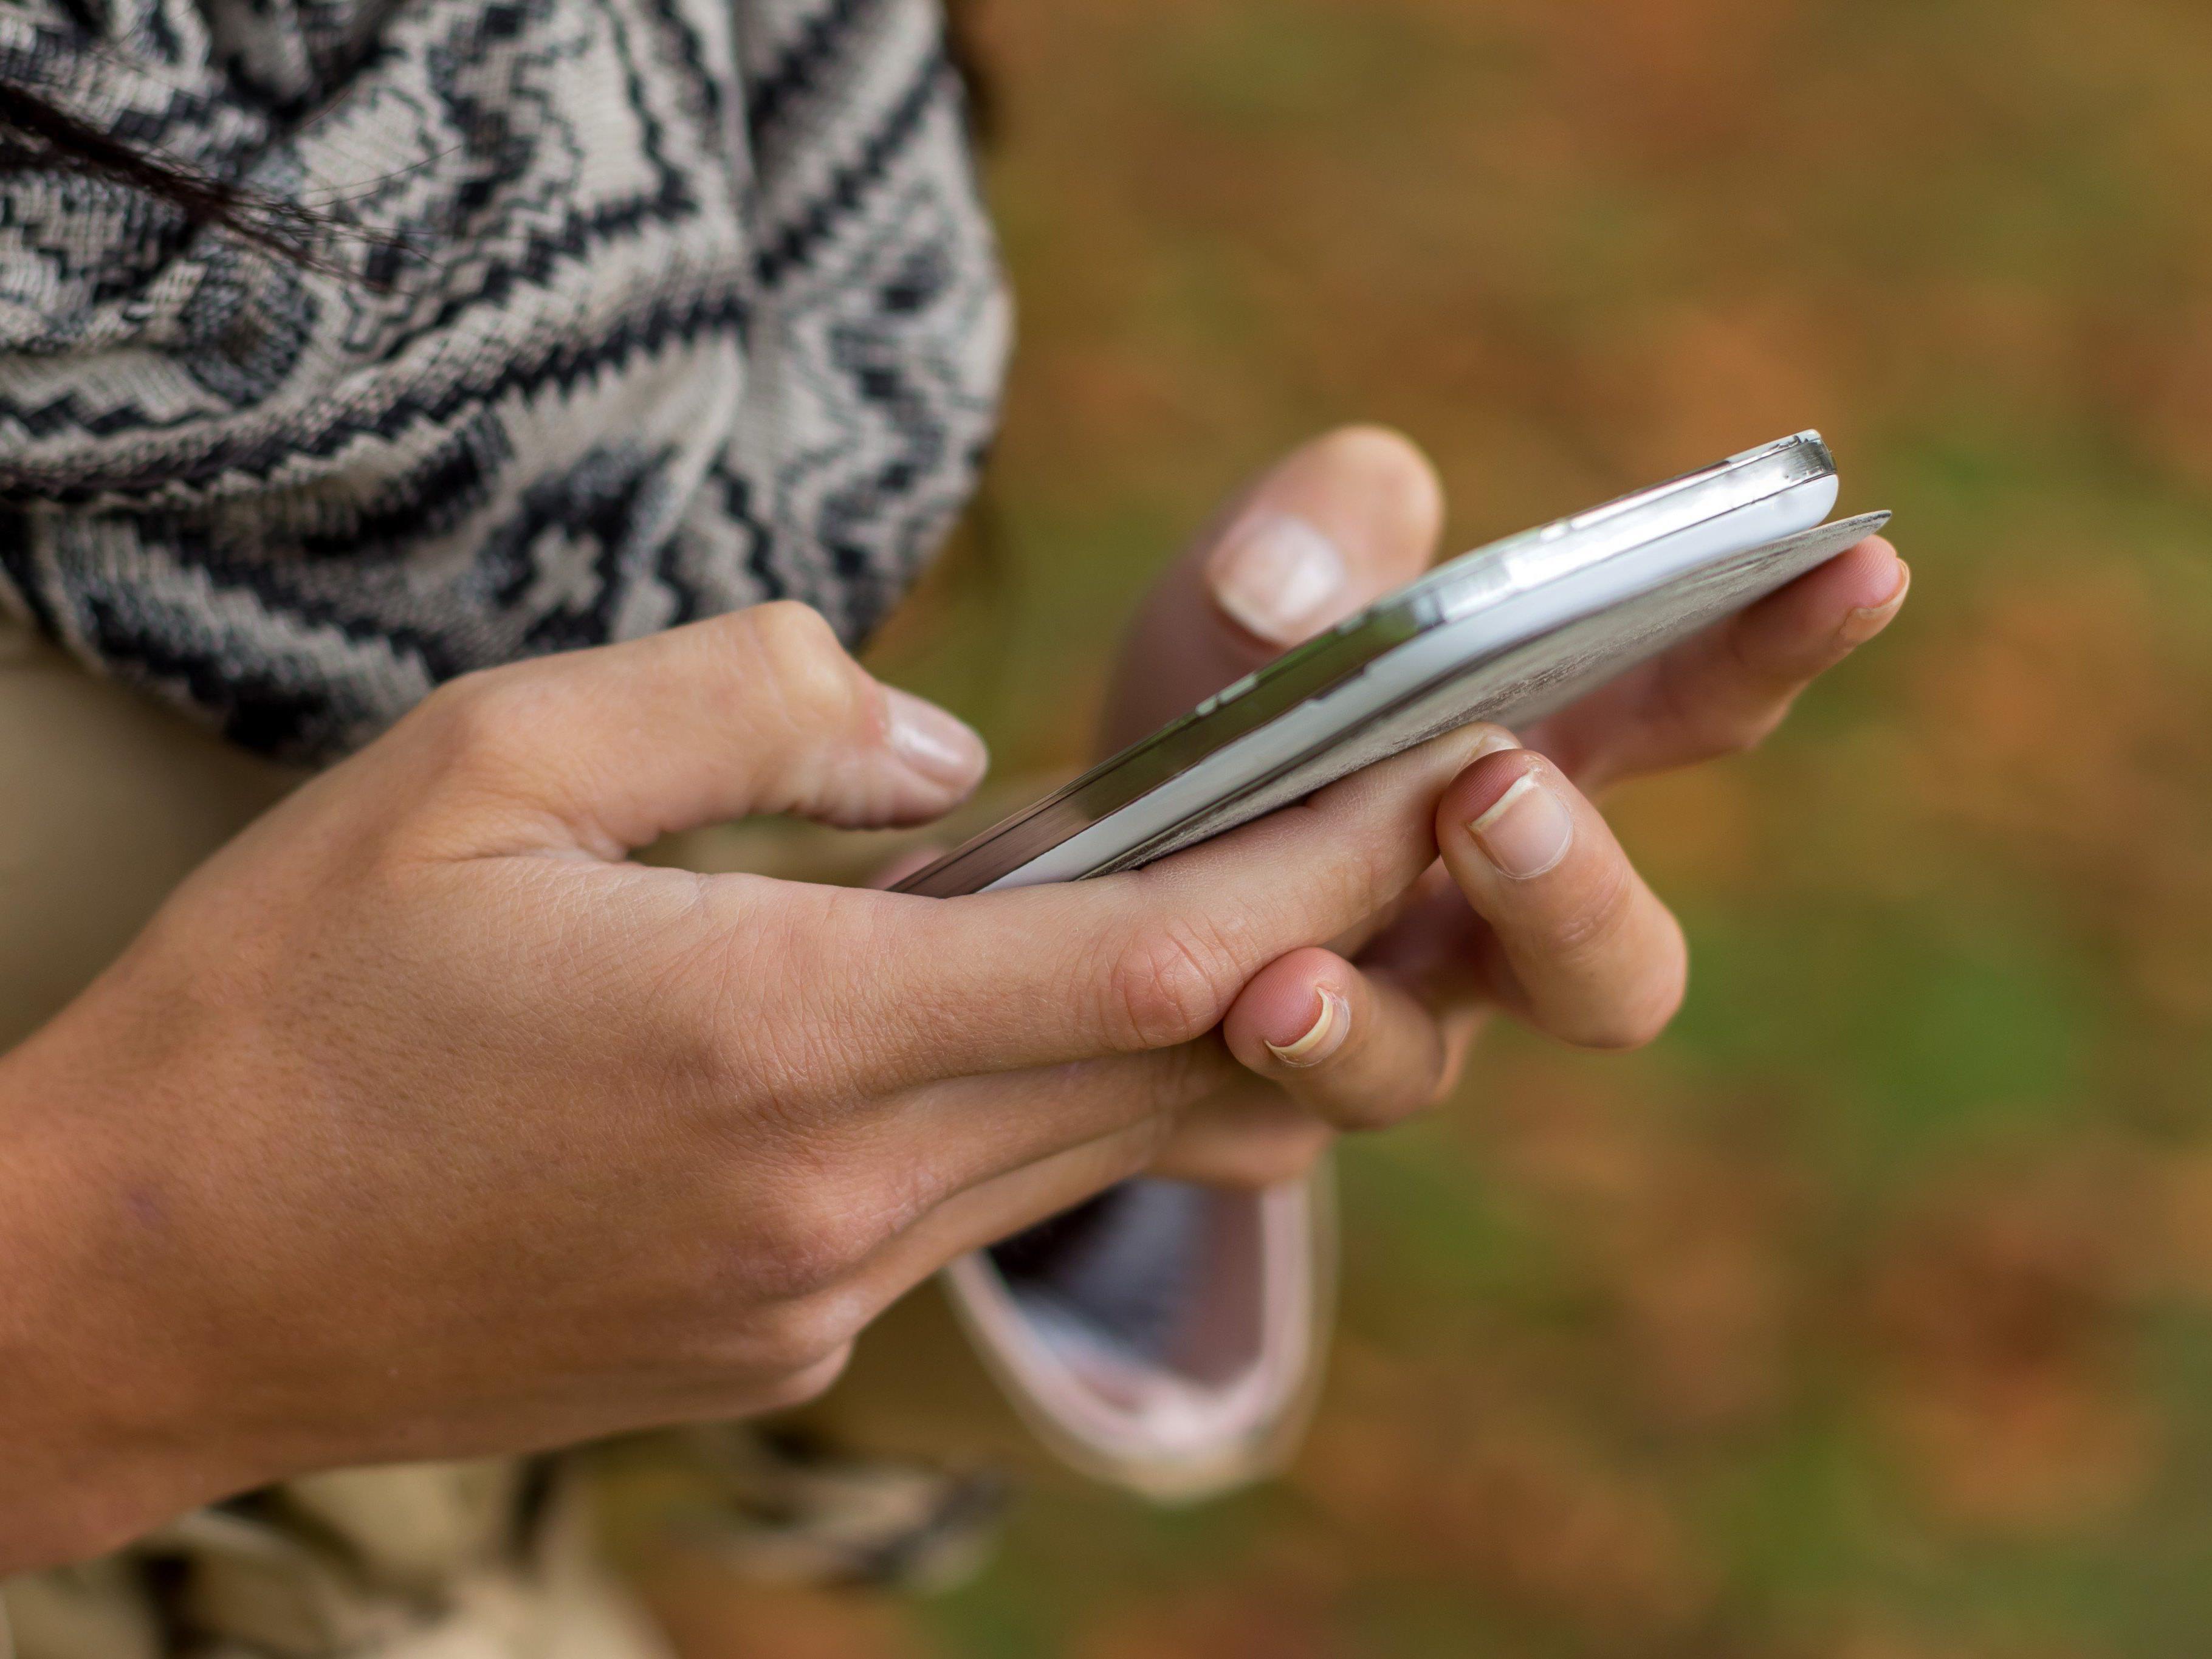 17-Jähriger erstochen: Rasch kursieren Fotos der Leiche auf zahllosen Schüler-Handys.